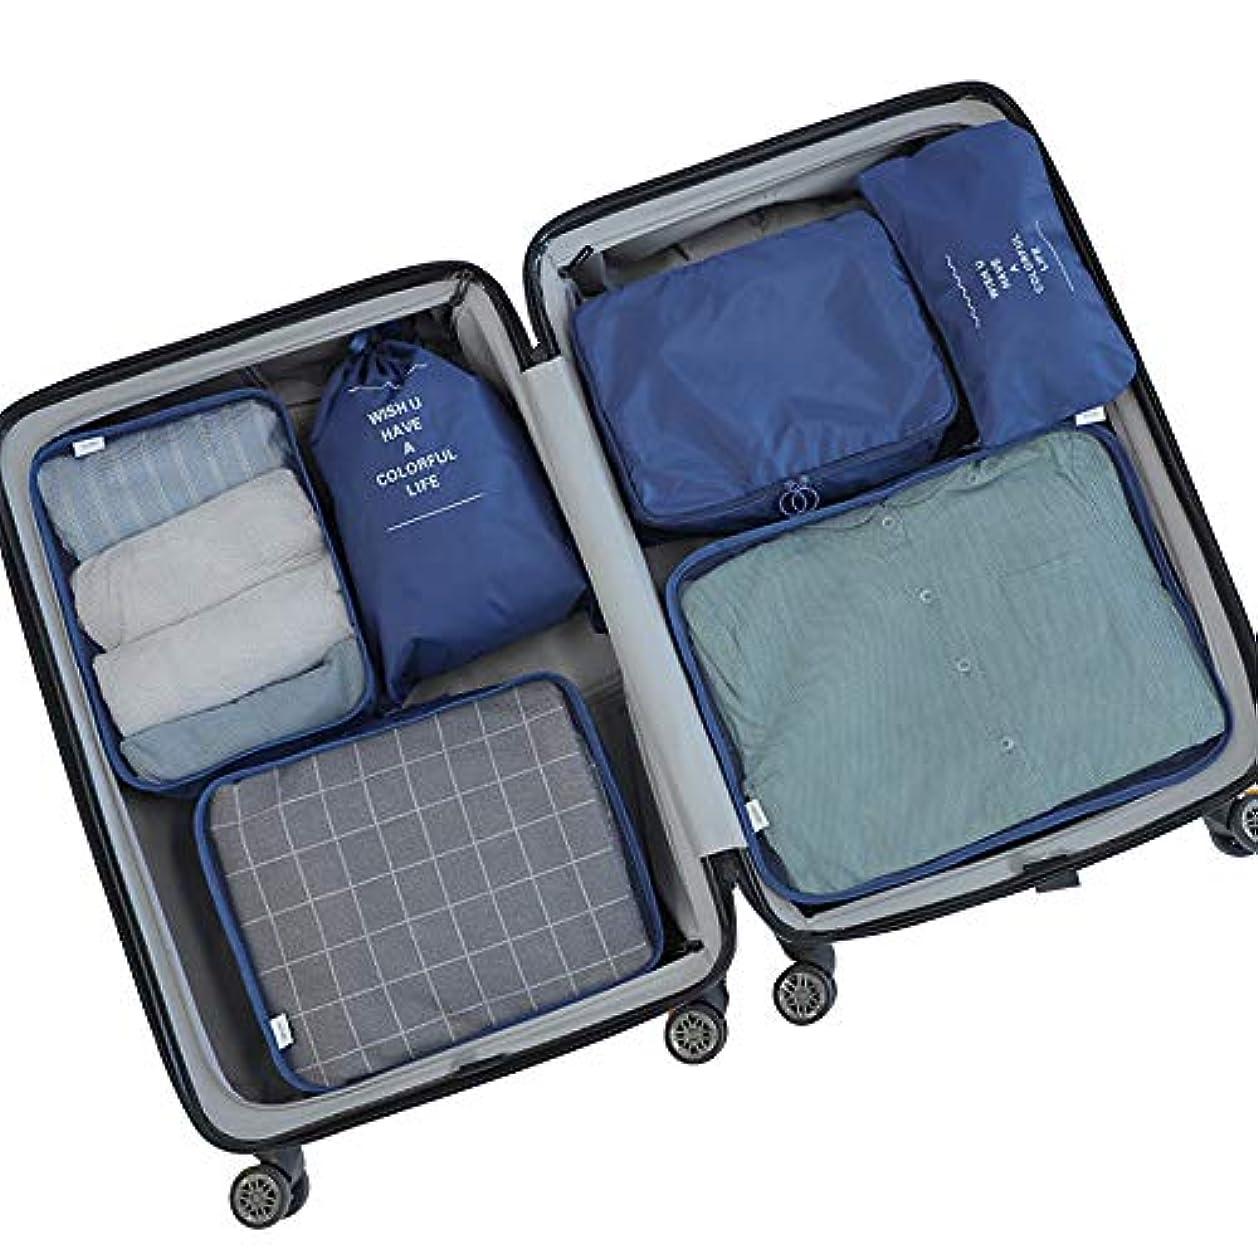 手段温帯誤ってトラベルポーチ 6点セット 収納ポーチ 旅行用 衣類 バッグ ケース 化粧ポーチ メンズ 大容量 防水